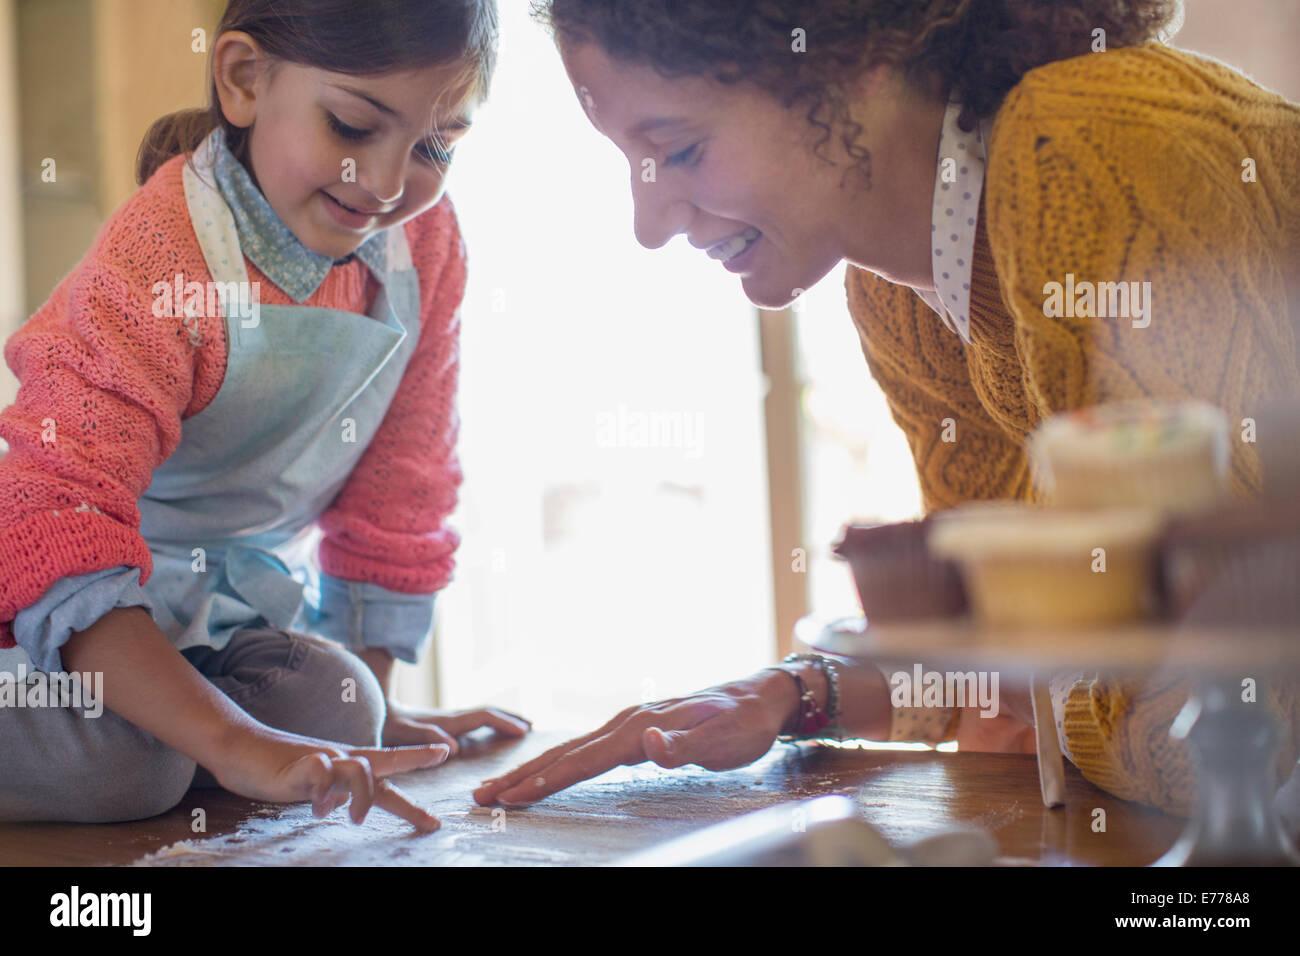 Mère et fille jouer, ensemble la farine Banque D'Images